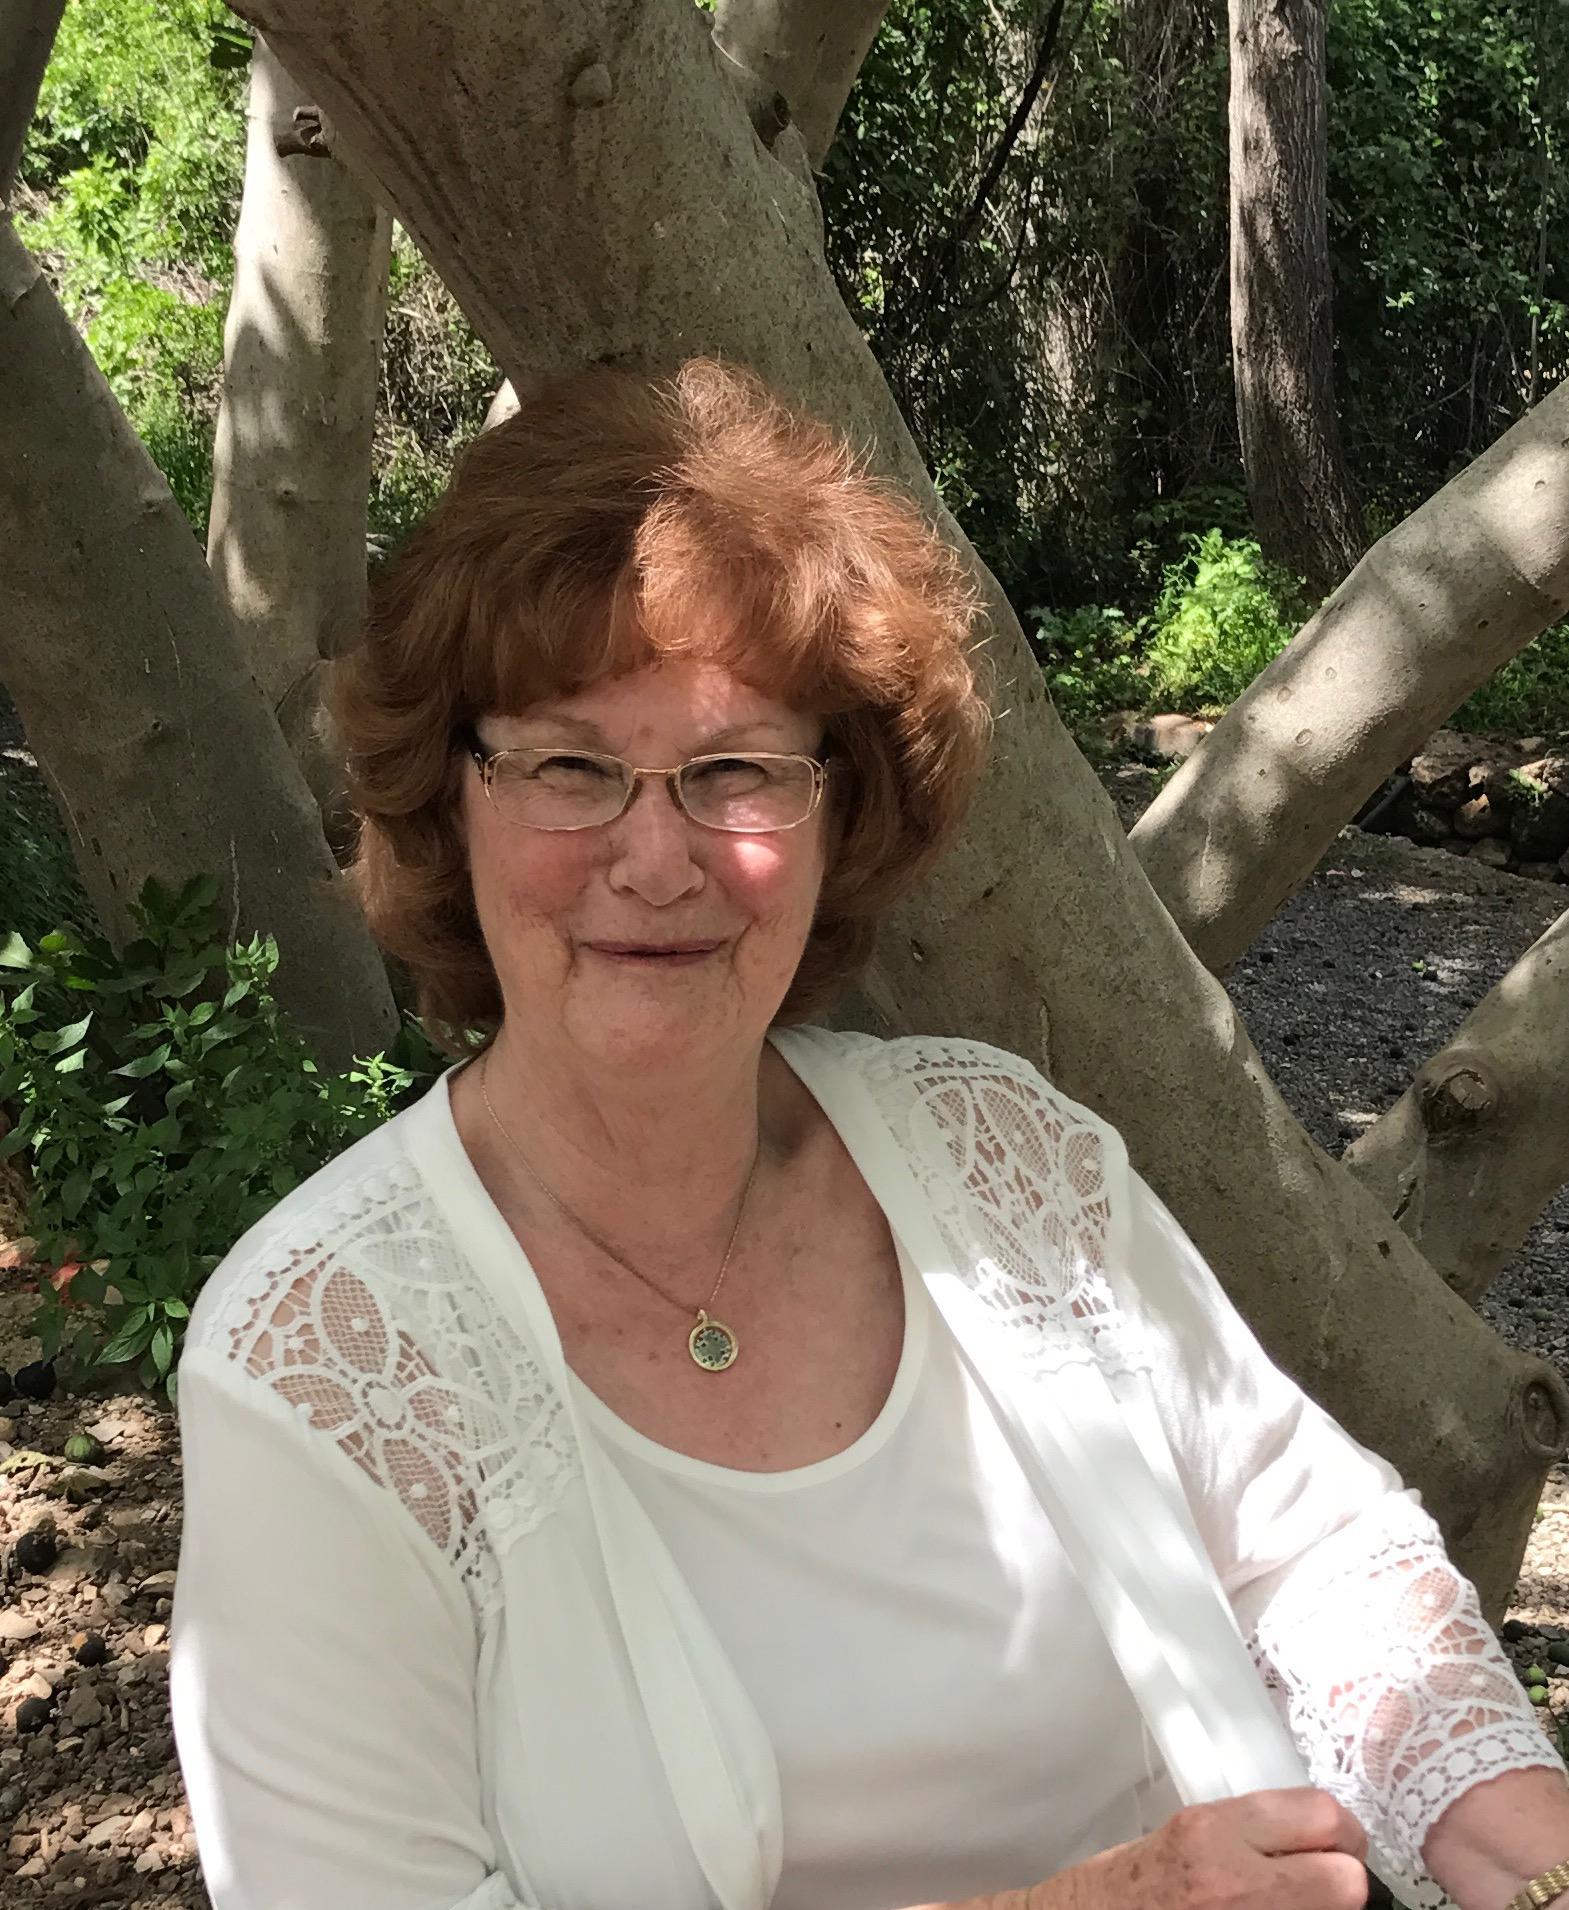 Shalom, Dianne - Founder, Olive Branch Messenger Tours